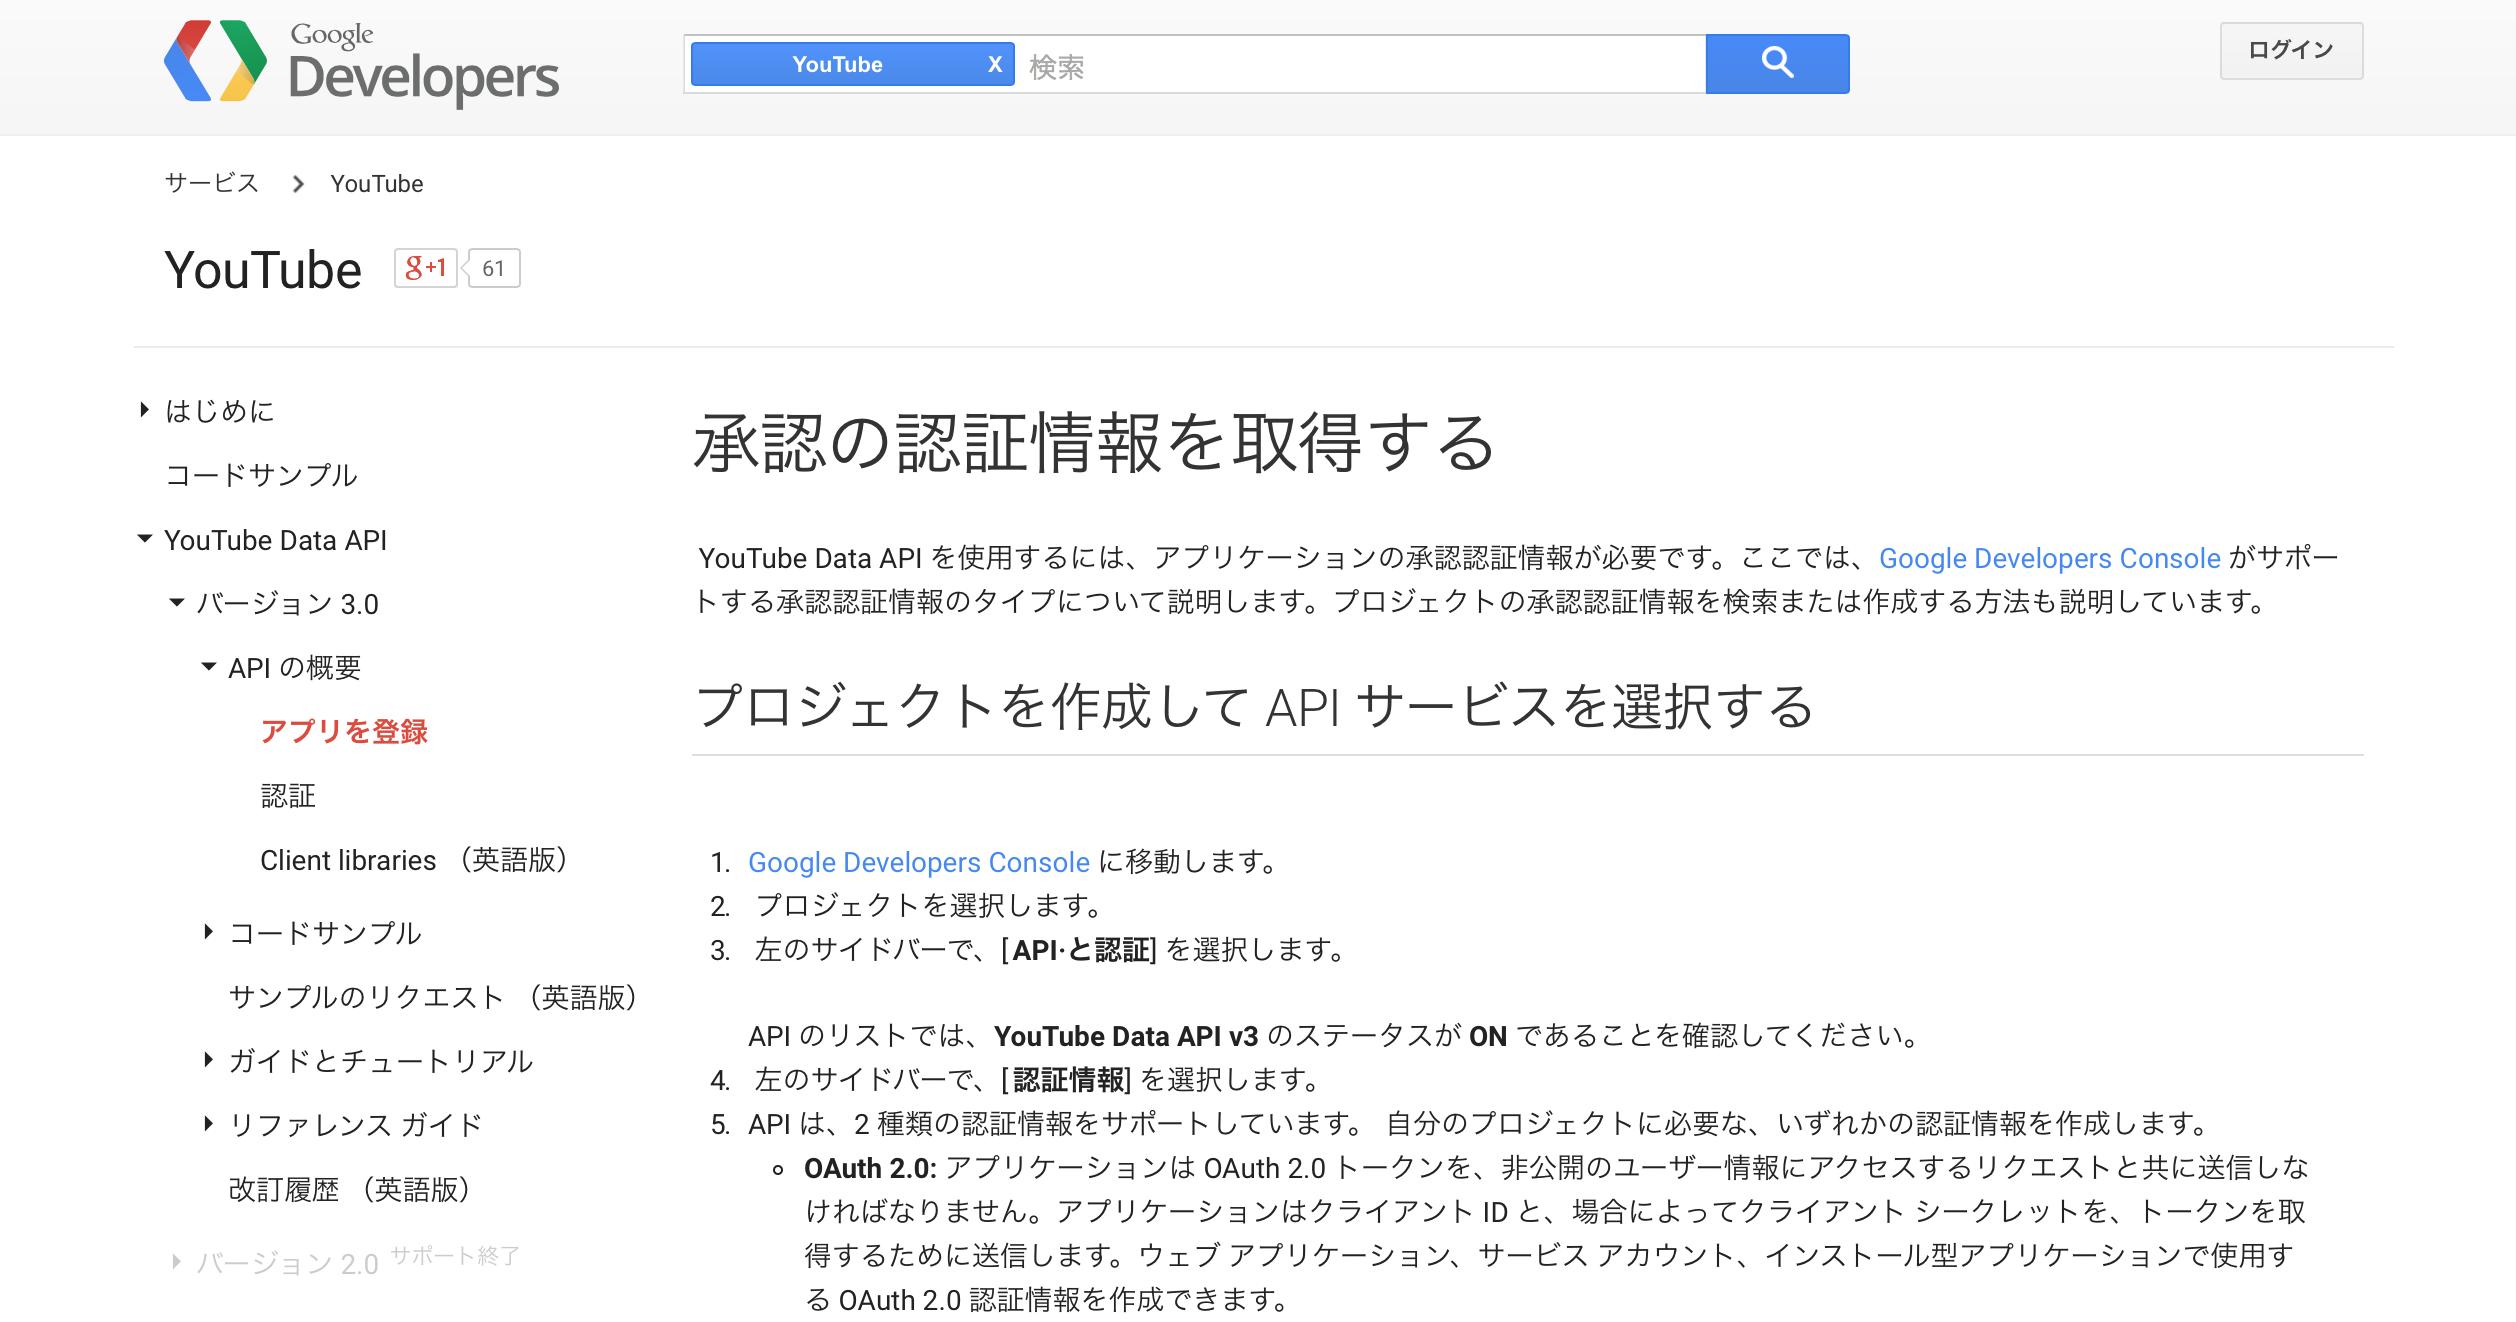 開発ノート:YouTube Data APIの...